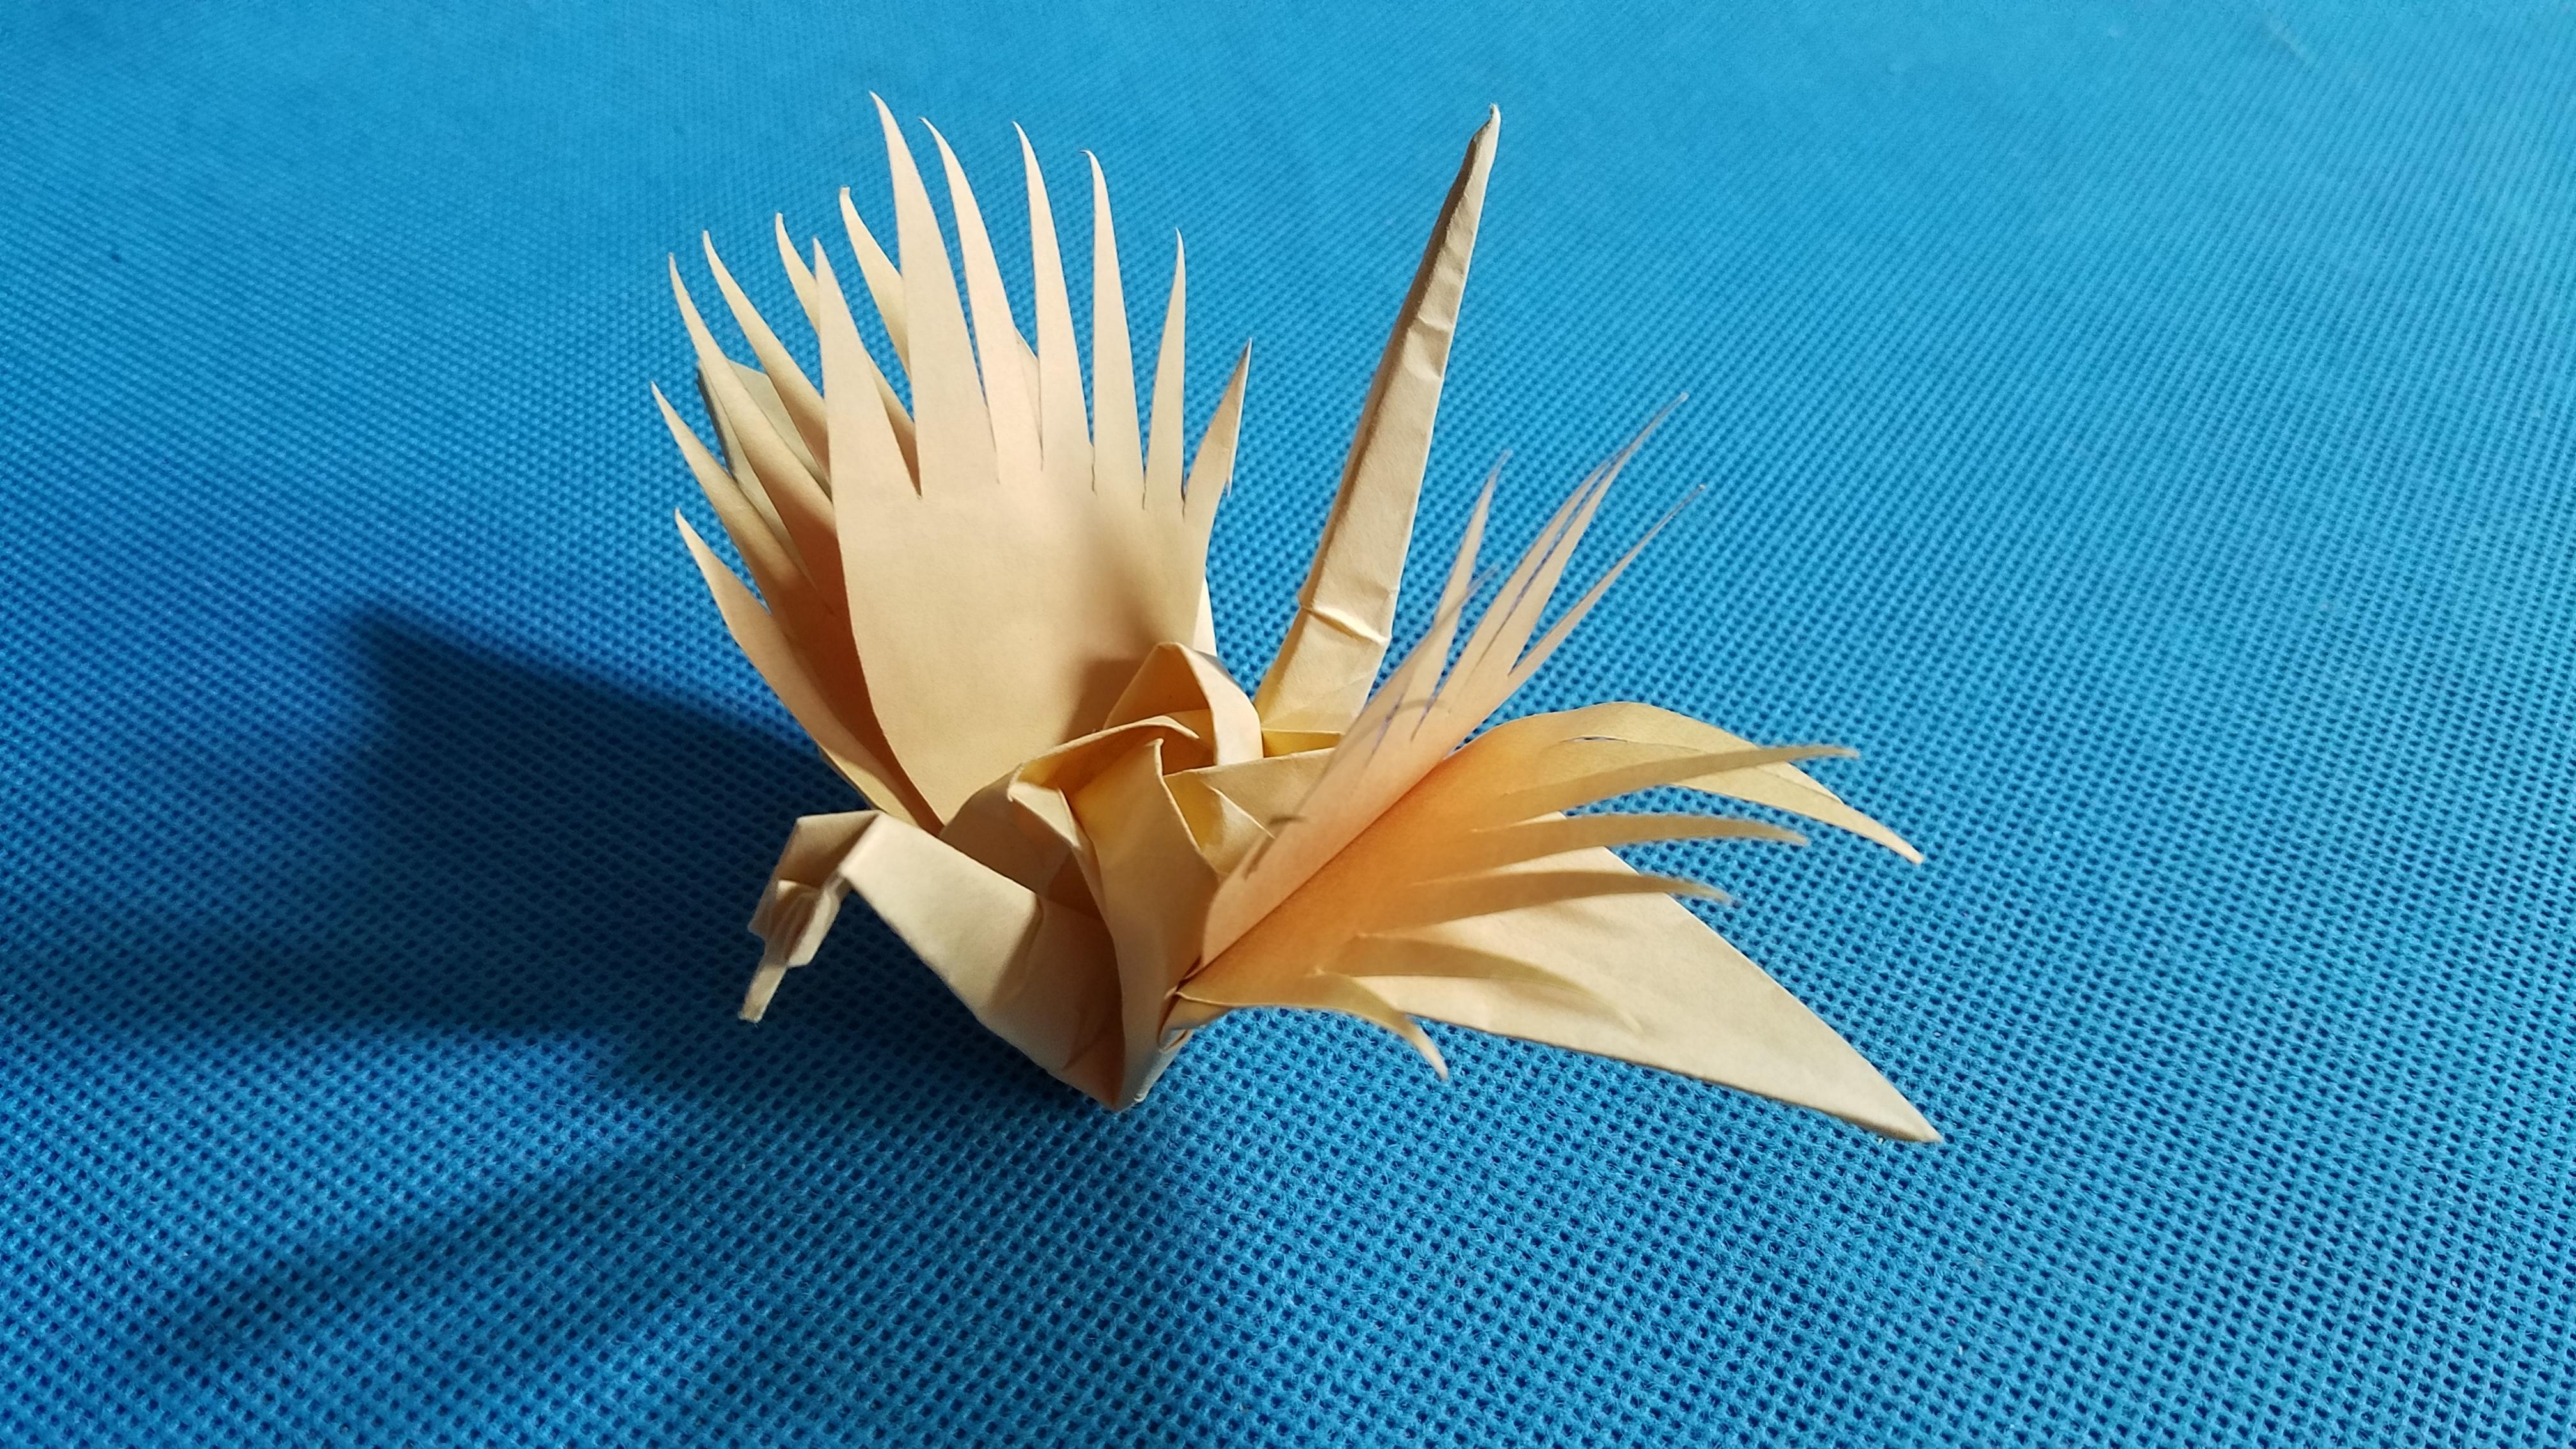 择天记寻风鹤的折法其实就是折纸玫瑰千纸鹤的基础上加了一些剪开的